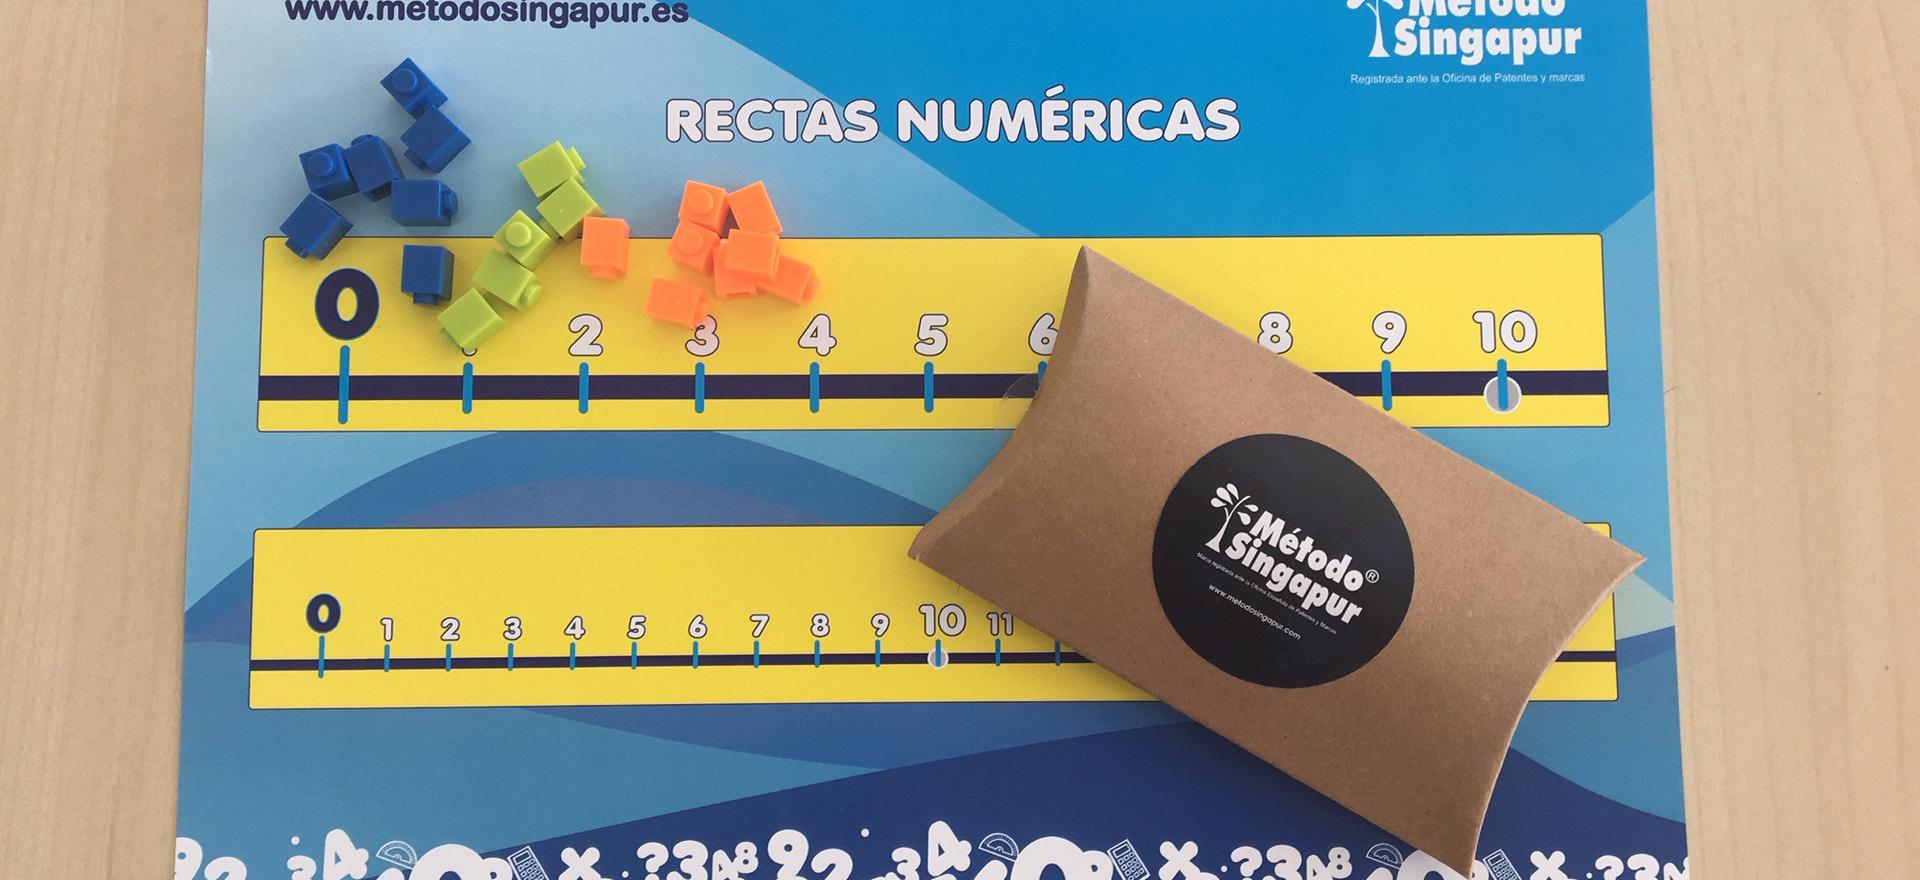 IMAGEN RECTA NUMERICA - 1.JPG